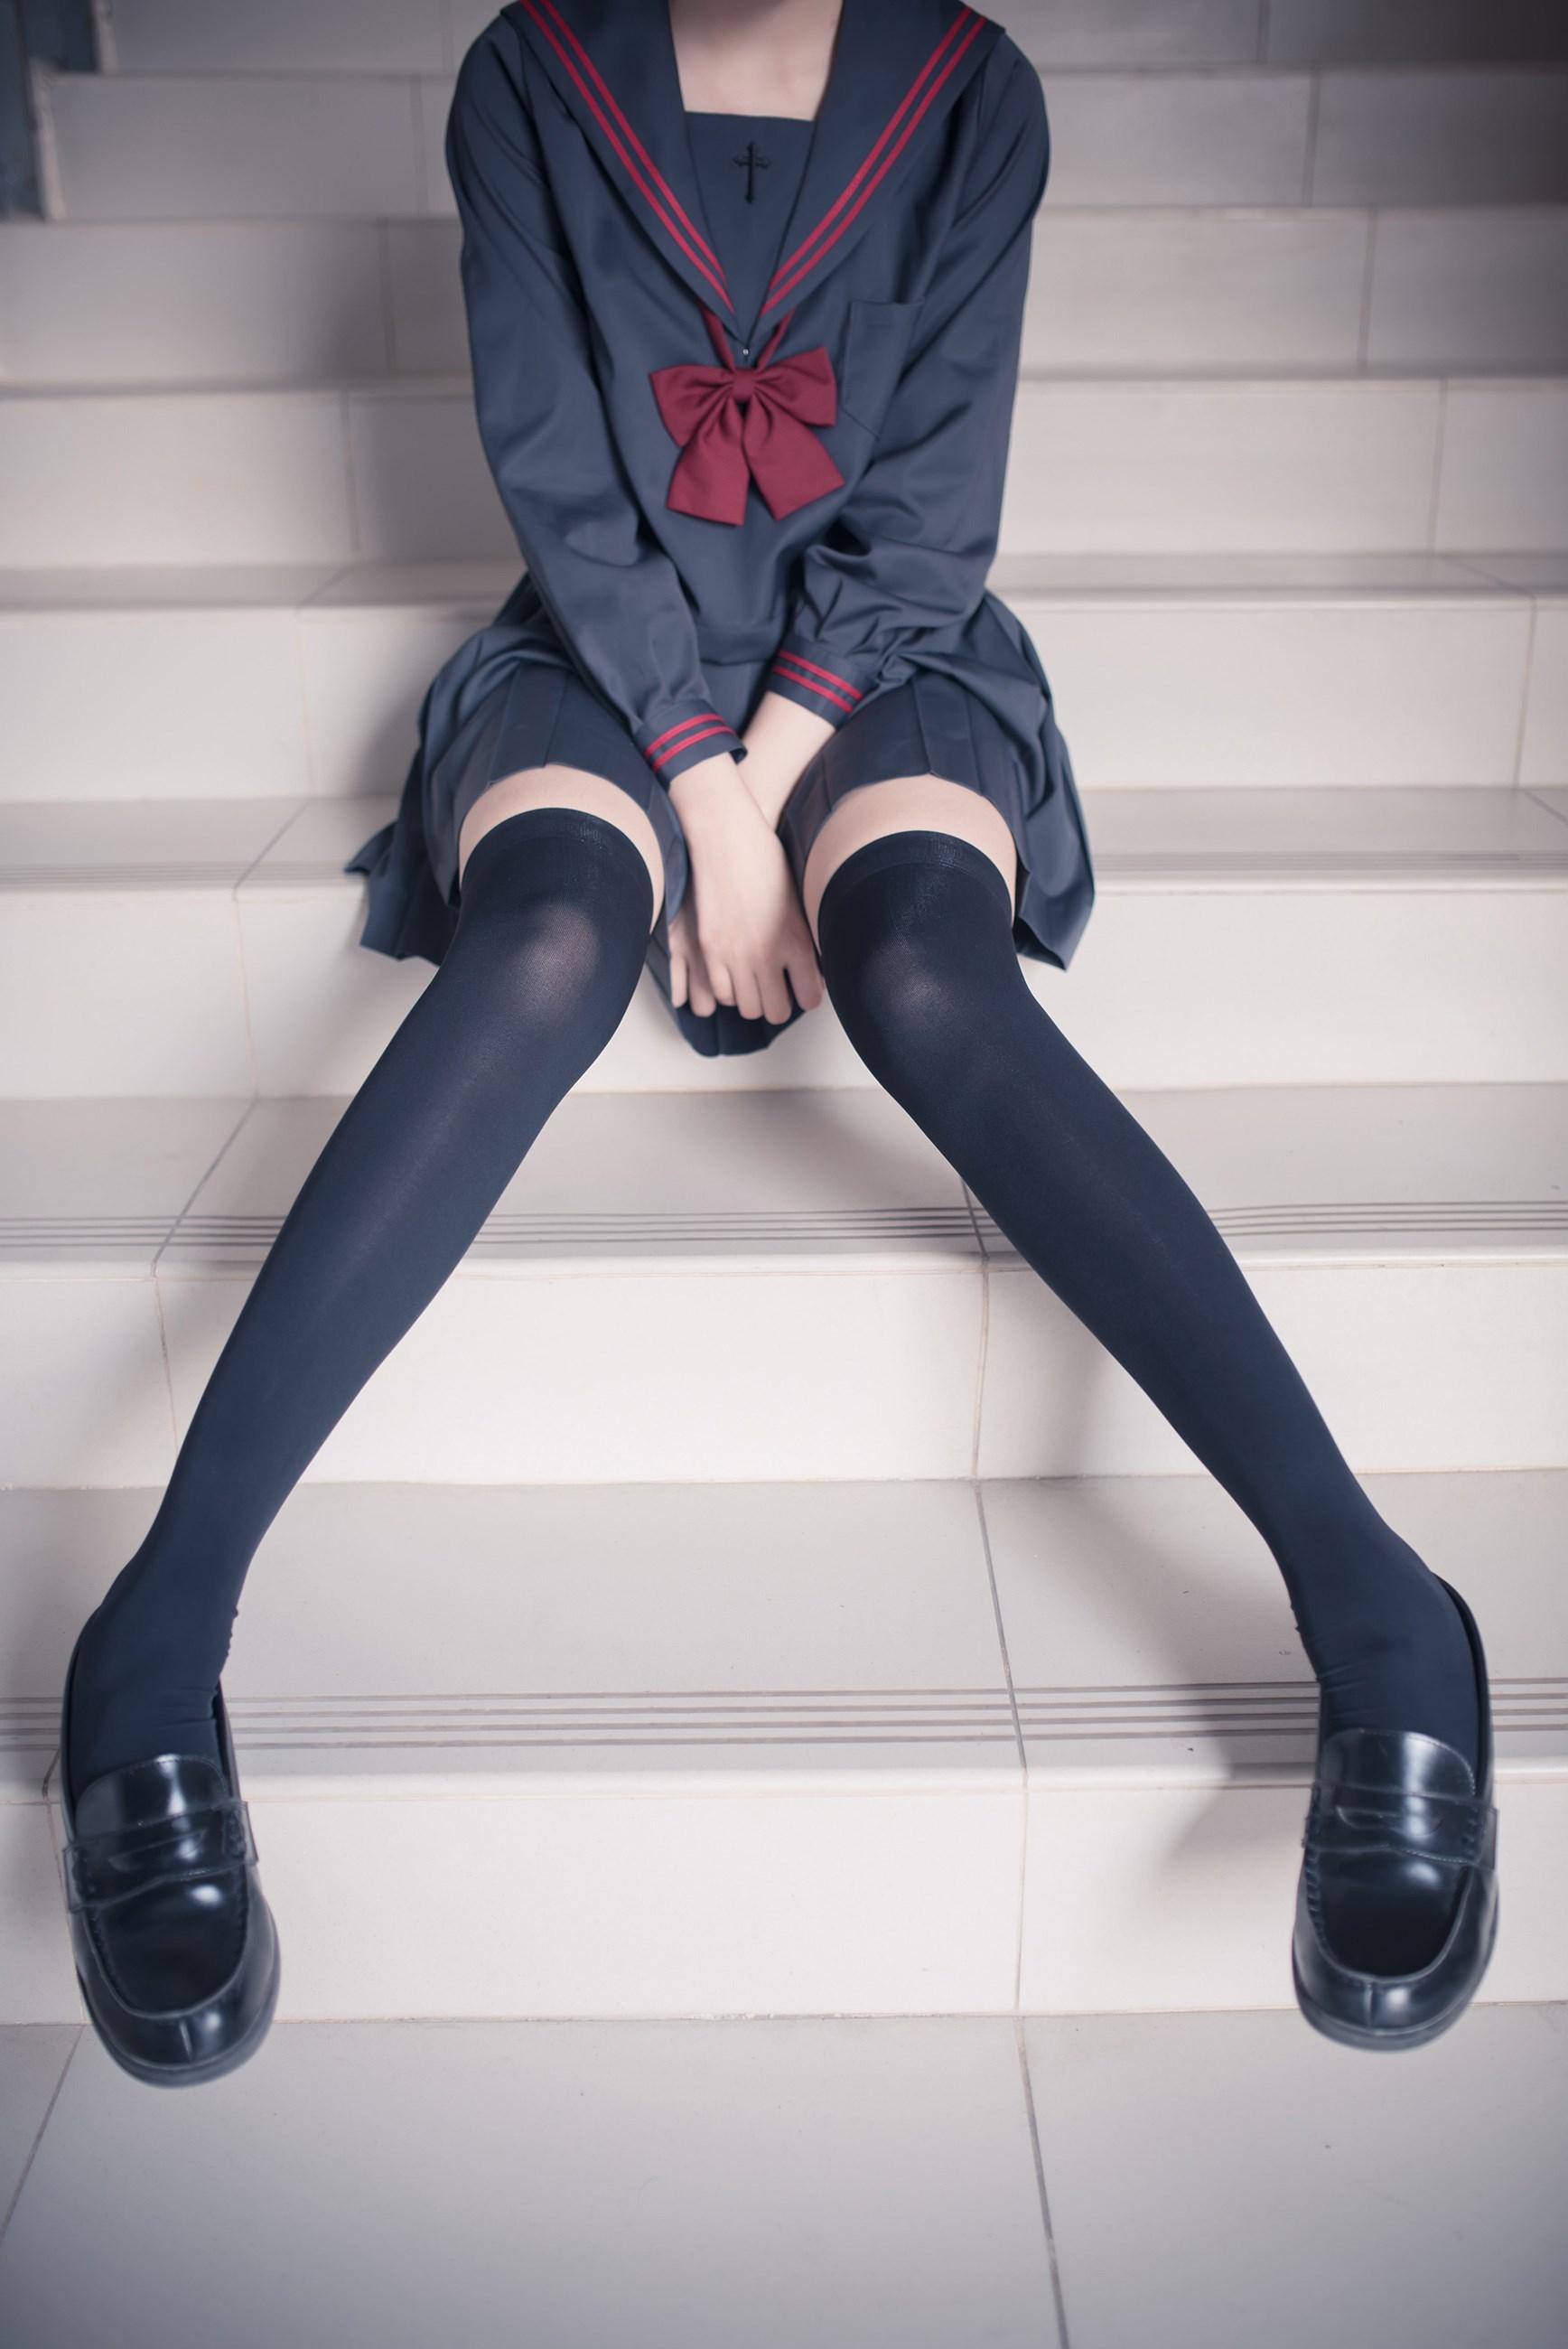 【兔玩映画】黑丝过膝袜 兔玩映画 第37张